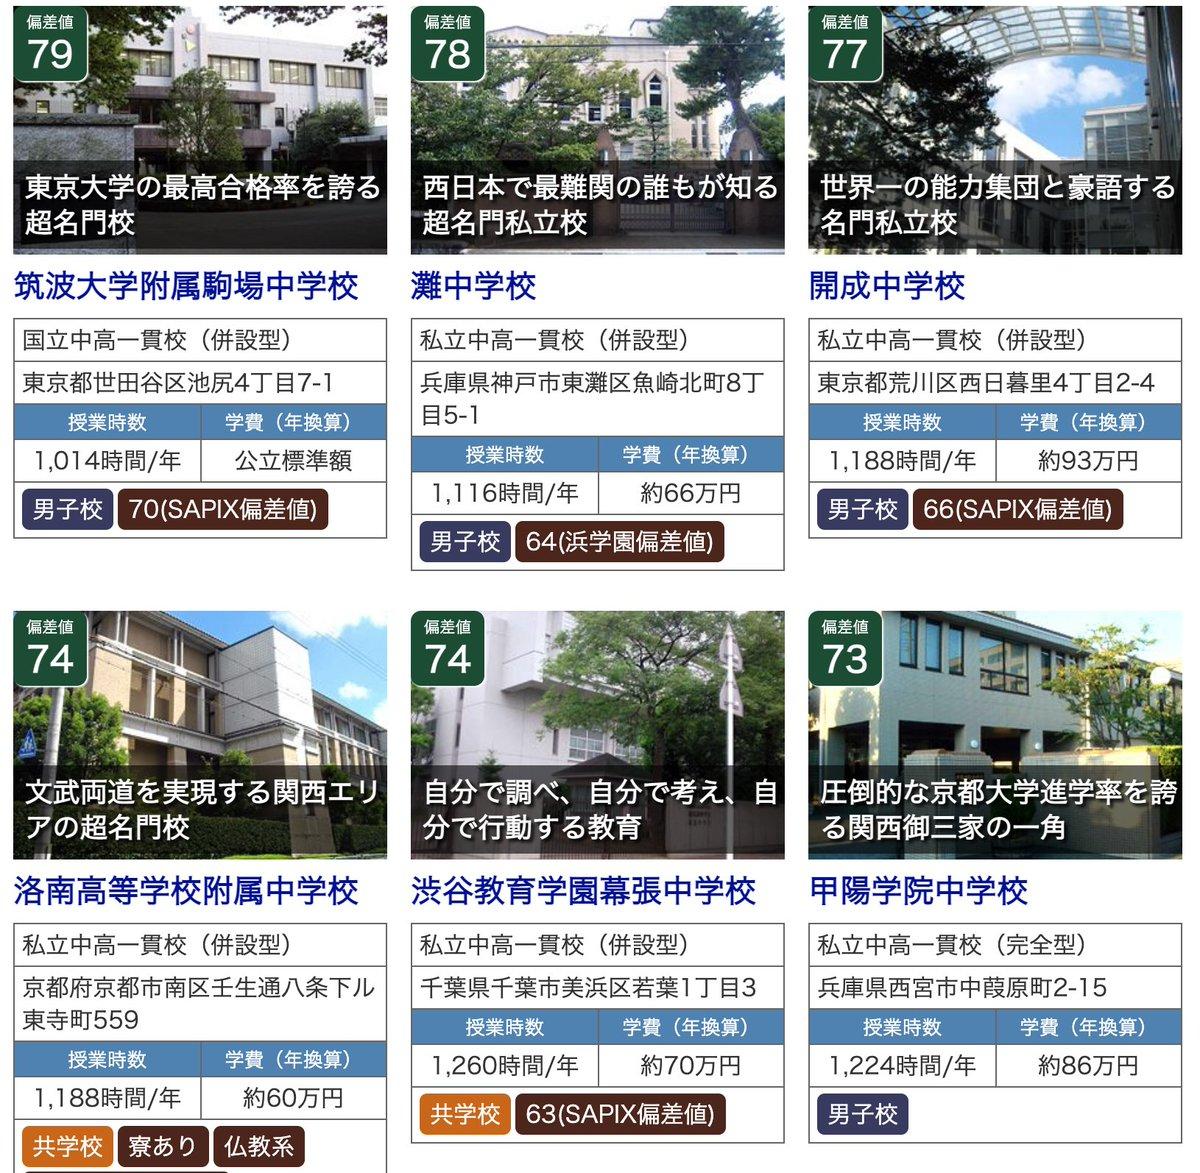 渋 値 渋 偏差 渋谷教育学園渋谷中学高校 偏差値